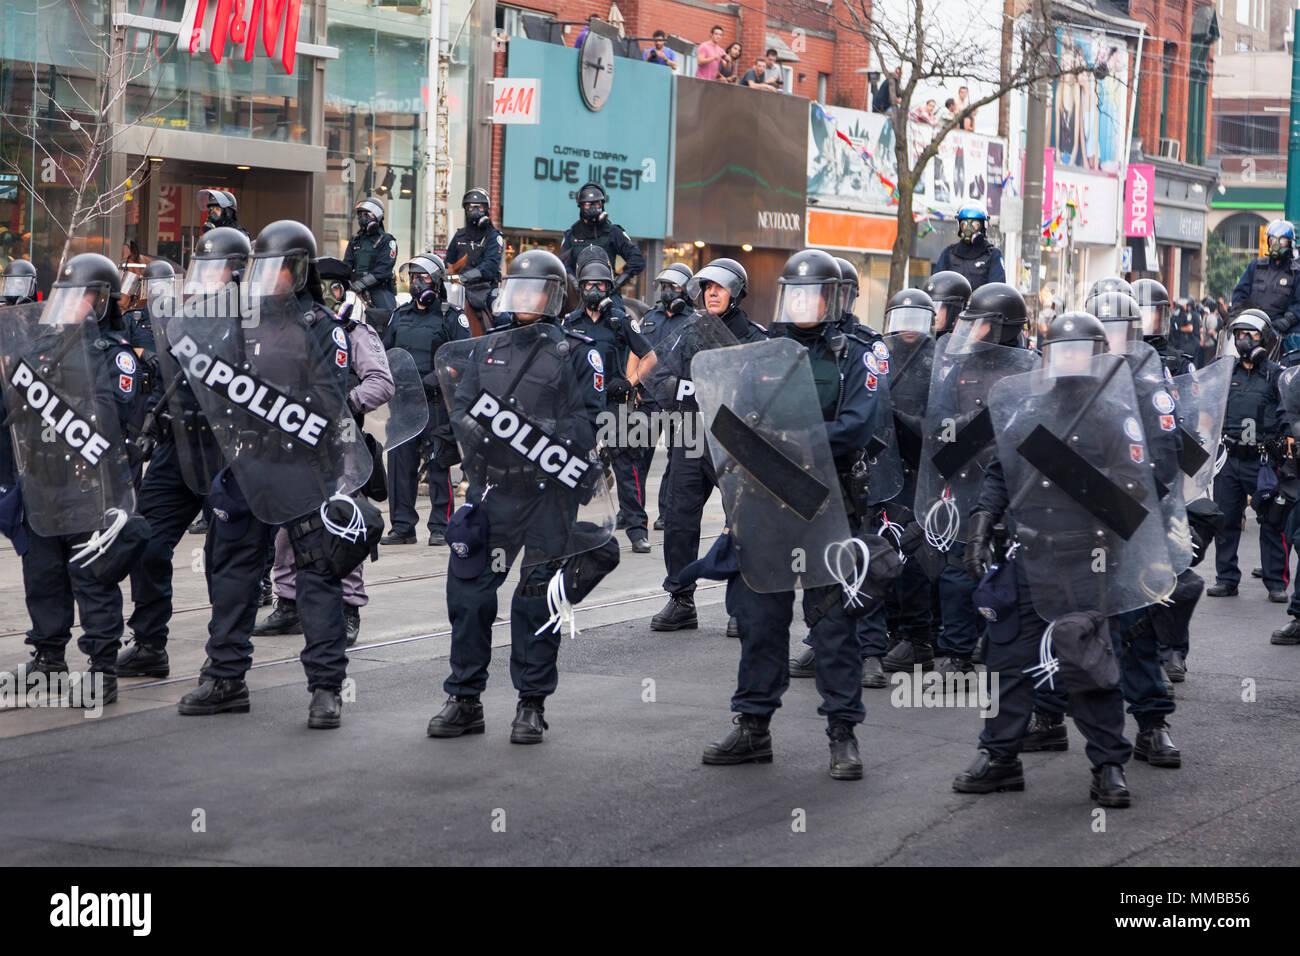 La police anti-émeute a créer une barrière le long de Queen Street West pendant le sommet du G20 au centre-ville de Toronto, Ontario, Canada. Photo Stock